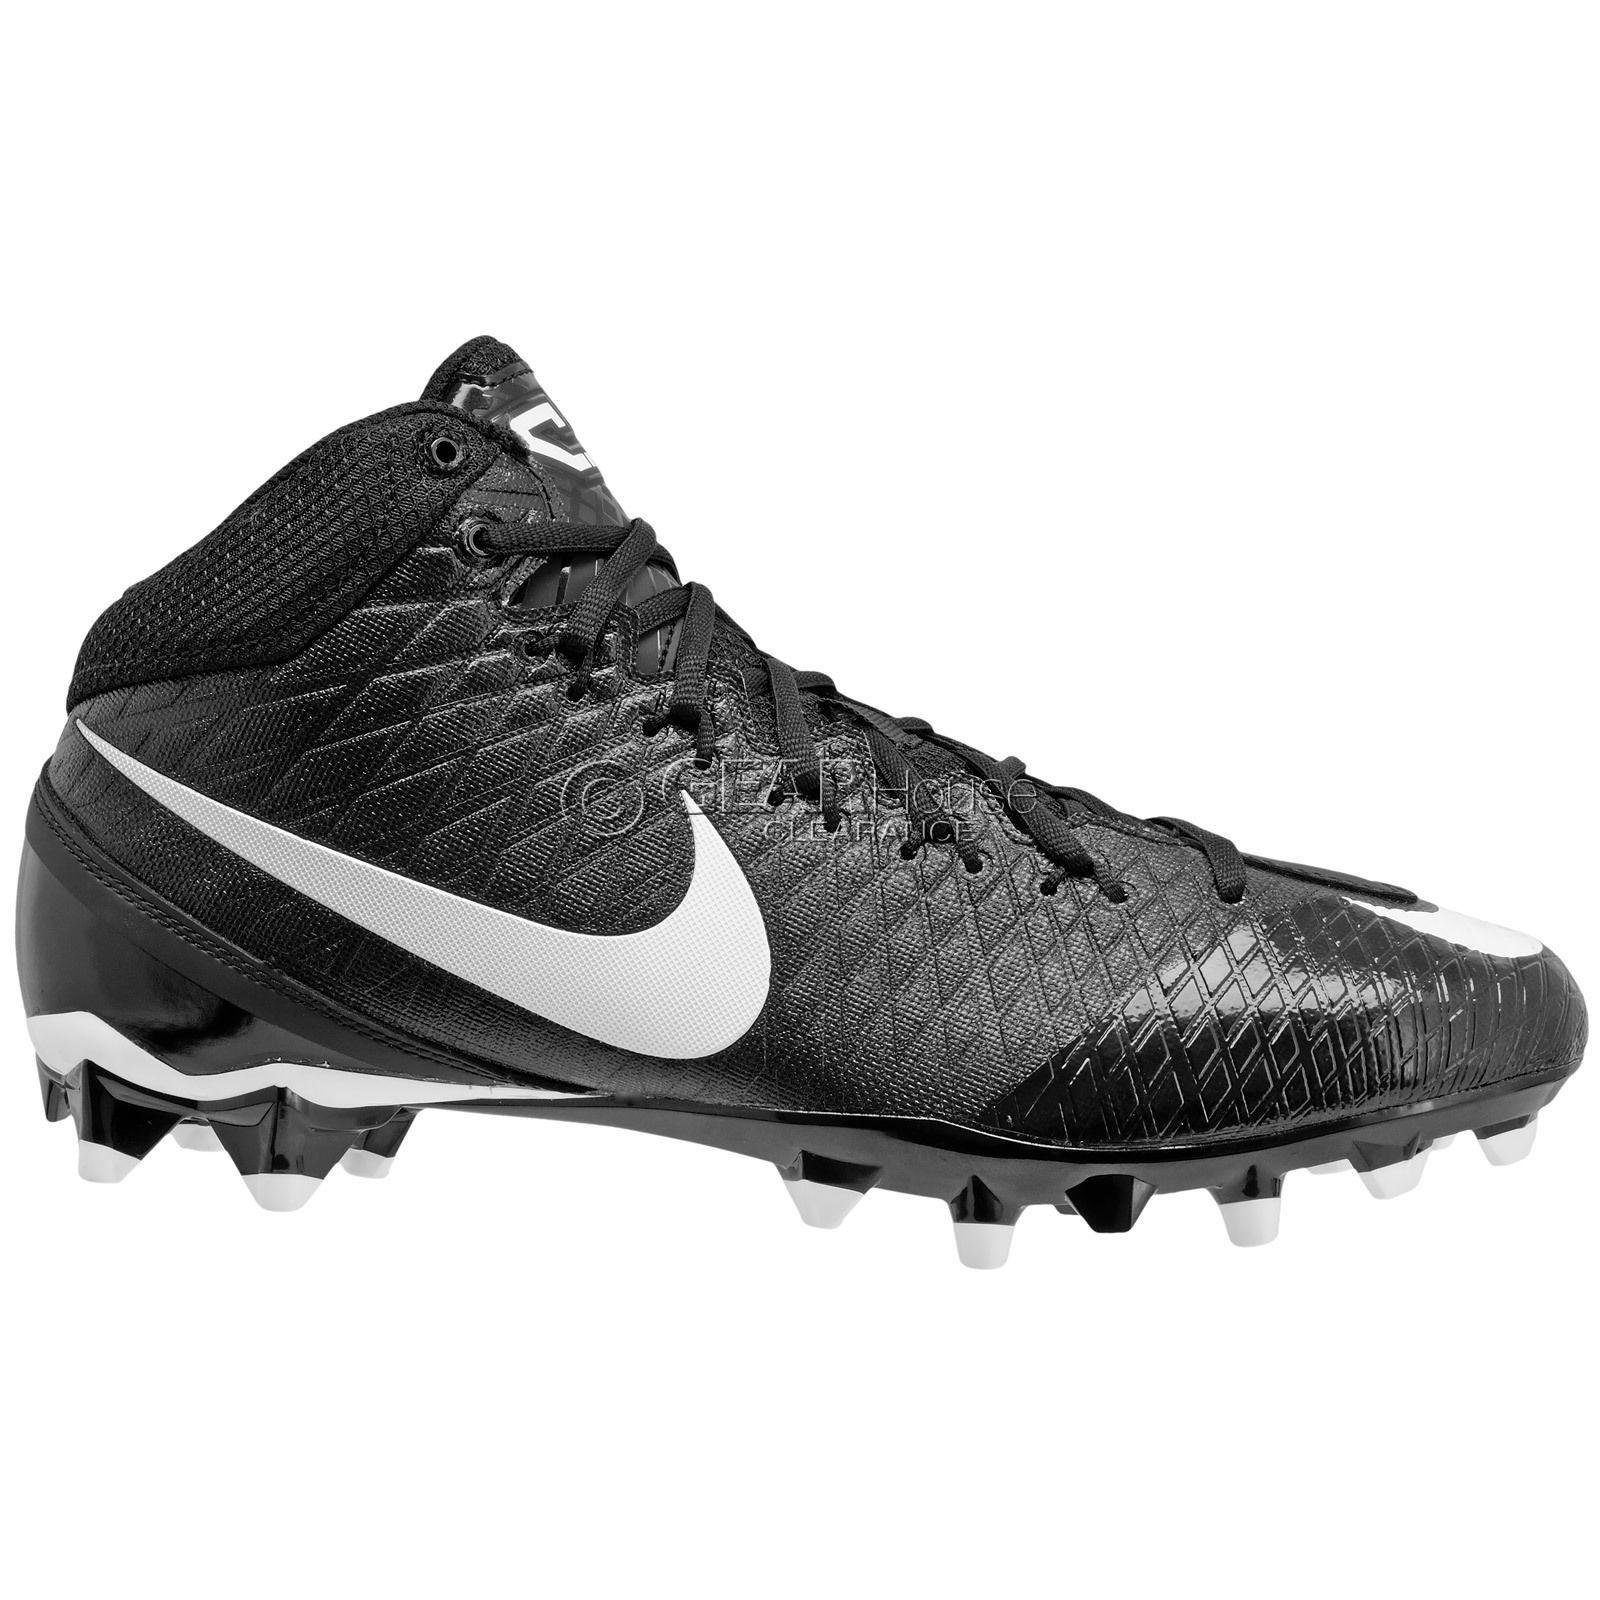 1aa85f79a New Nike CJ3 Pro TD Mid 3 4 Mens Football Cleats Calvin Johnson   Black